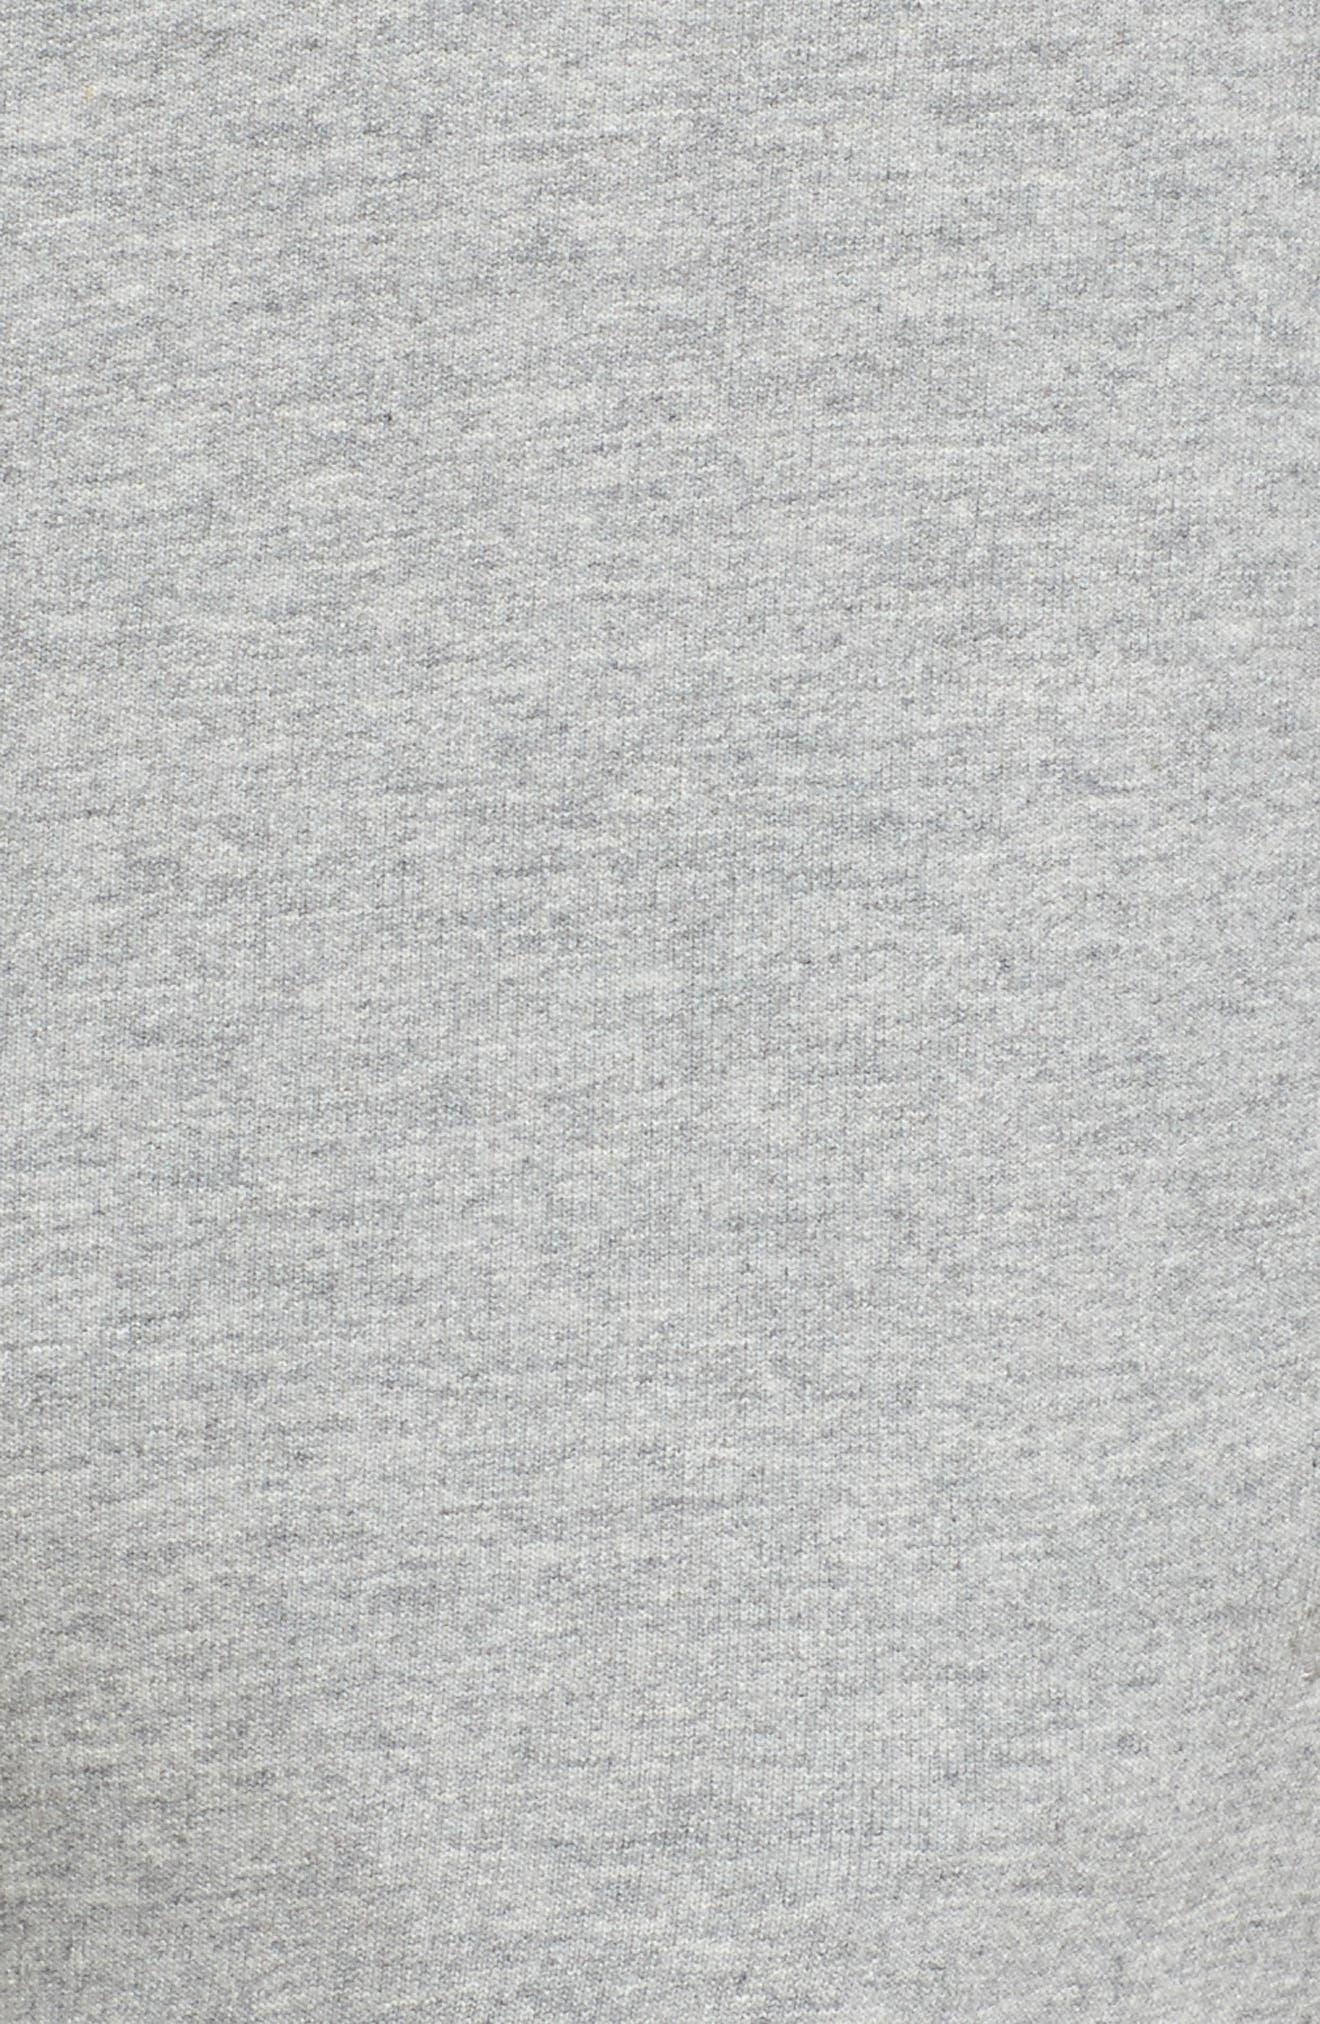 Authentic Cresta Slim Fit Sweatpants,                             Alternate thumbnail 6, color,                             Grey